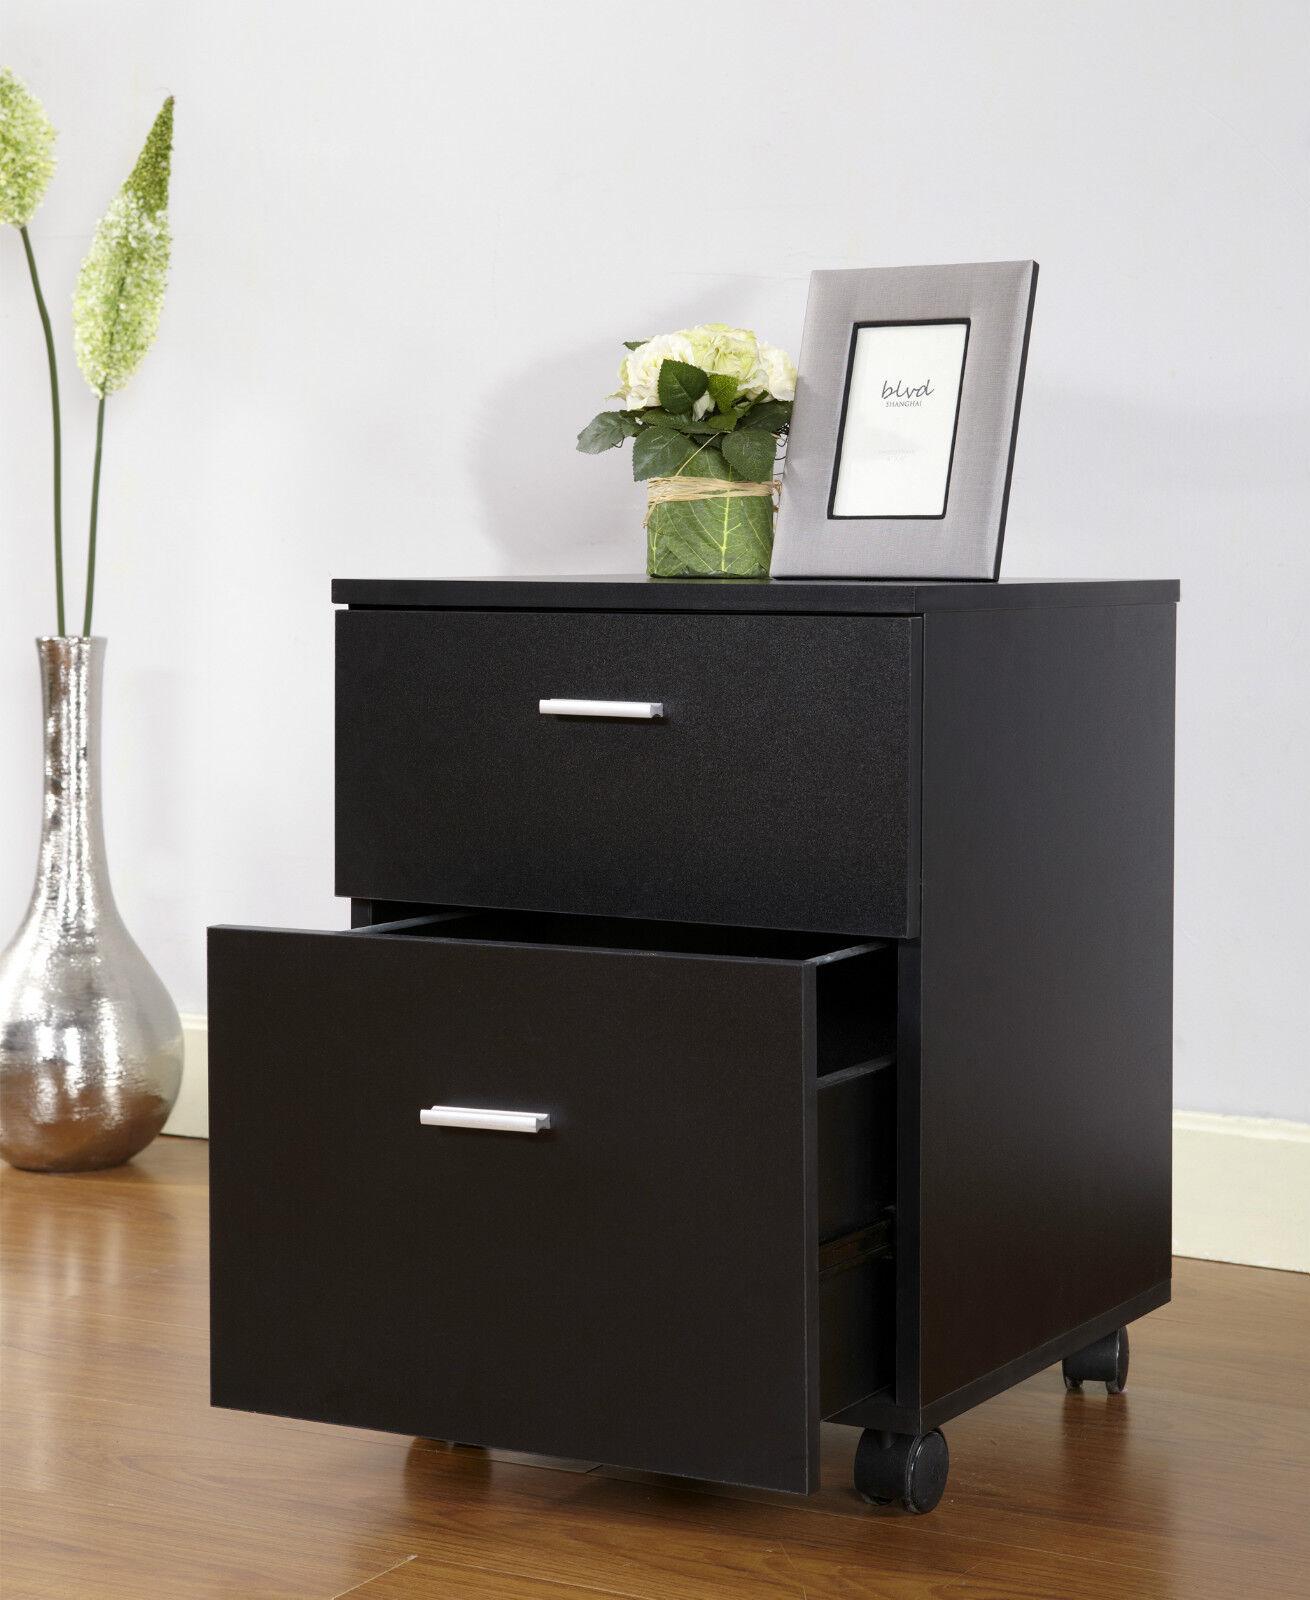 2 drawer wood mobile file cabinet in black finish new ebay. Black Bedroom Furniture Sets. Home Design Ideas